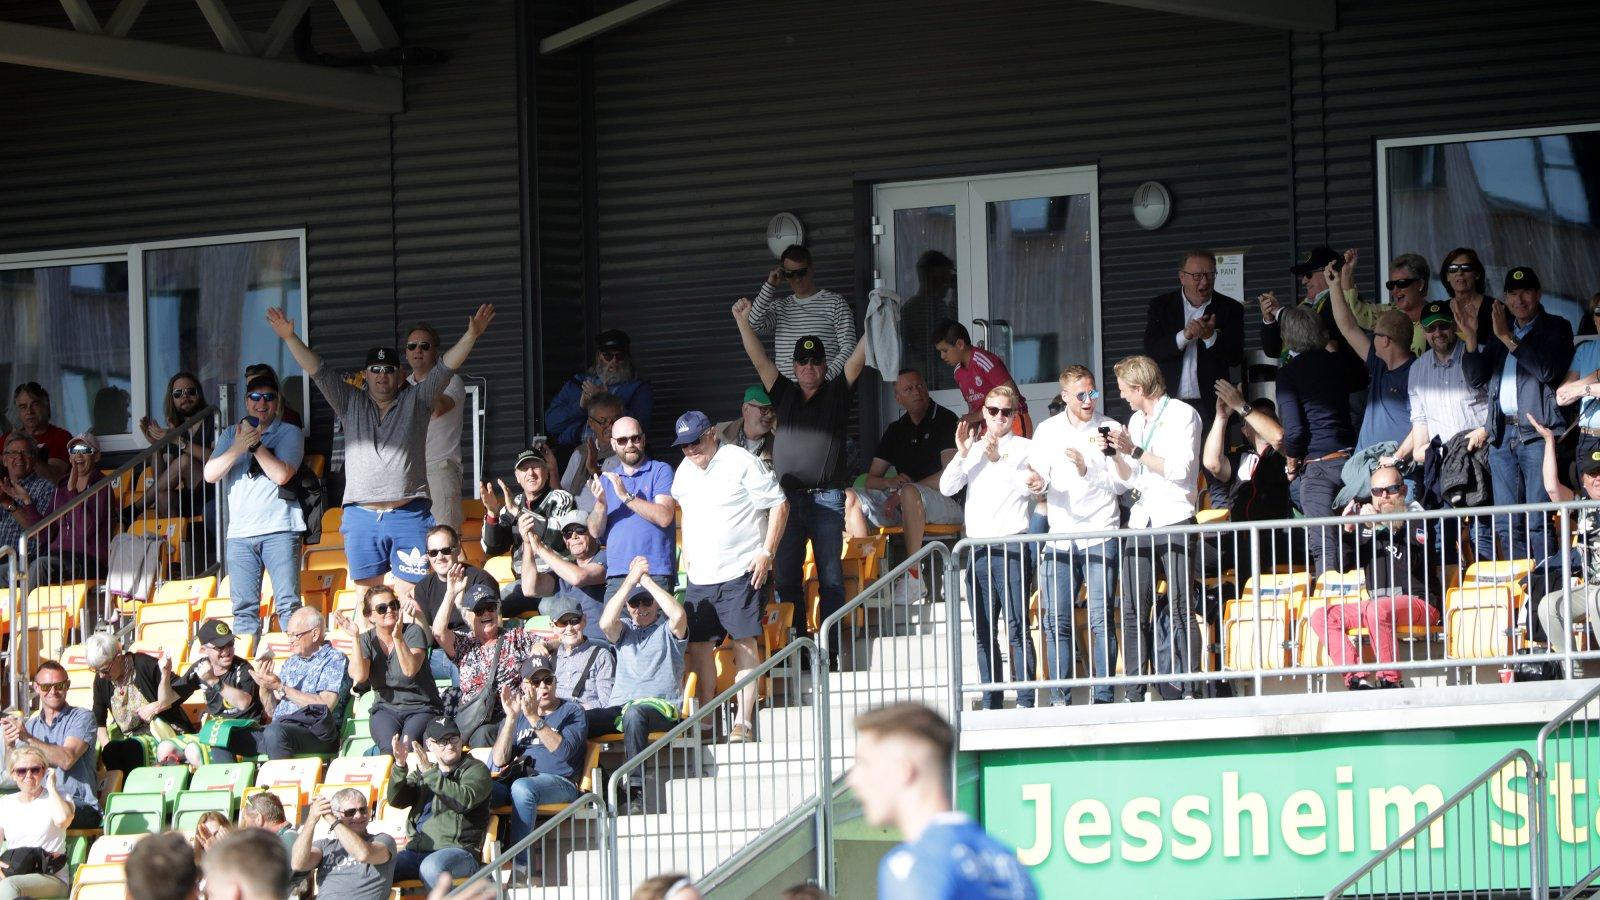 Jubel på tribunen etter 3-1-seieren over Notodden på Jessheim stadion 16. mai.